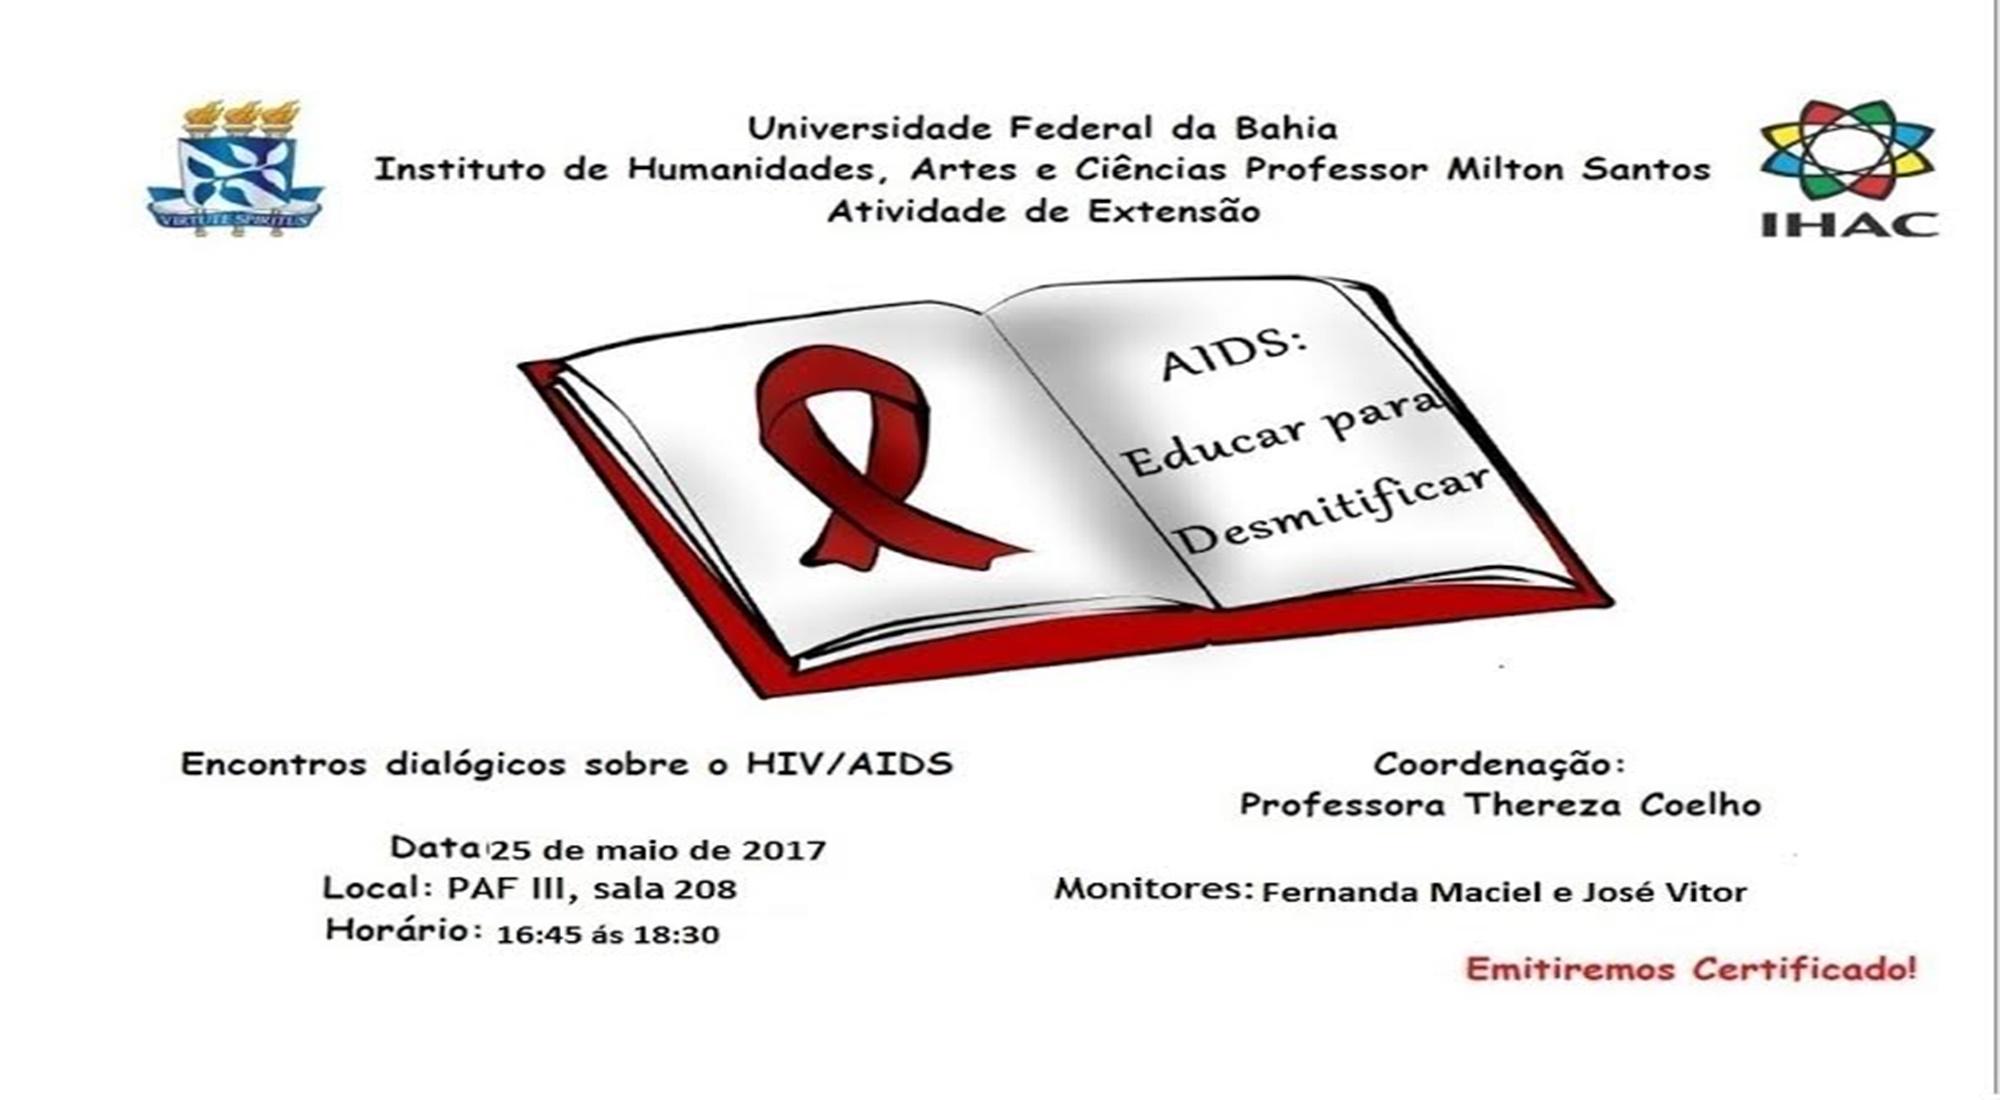 O grupo de pesquisa e extensão AIDS: Educar para desmistificar promovém o próximo encontro dialógico sobre o HIV/ AIDS